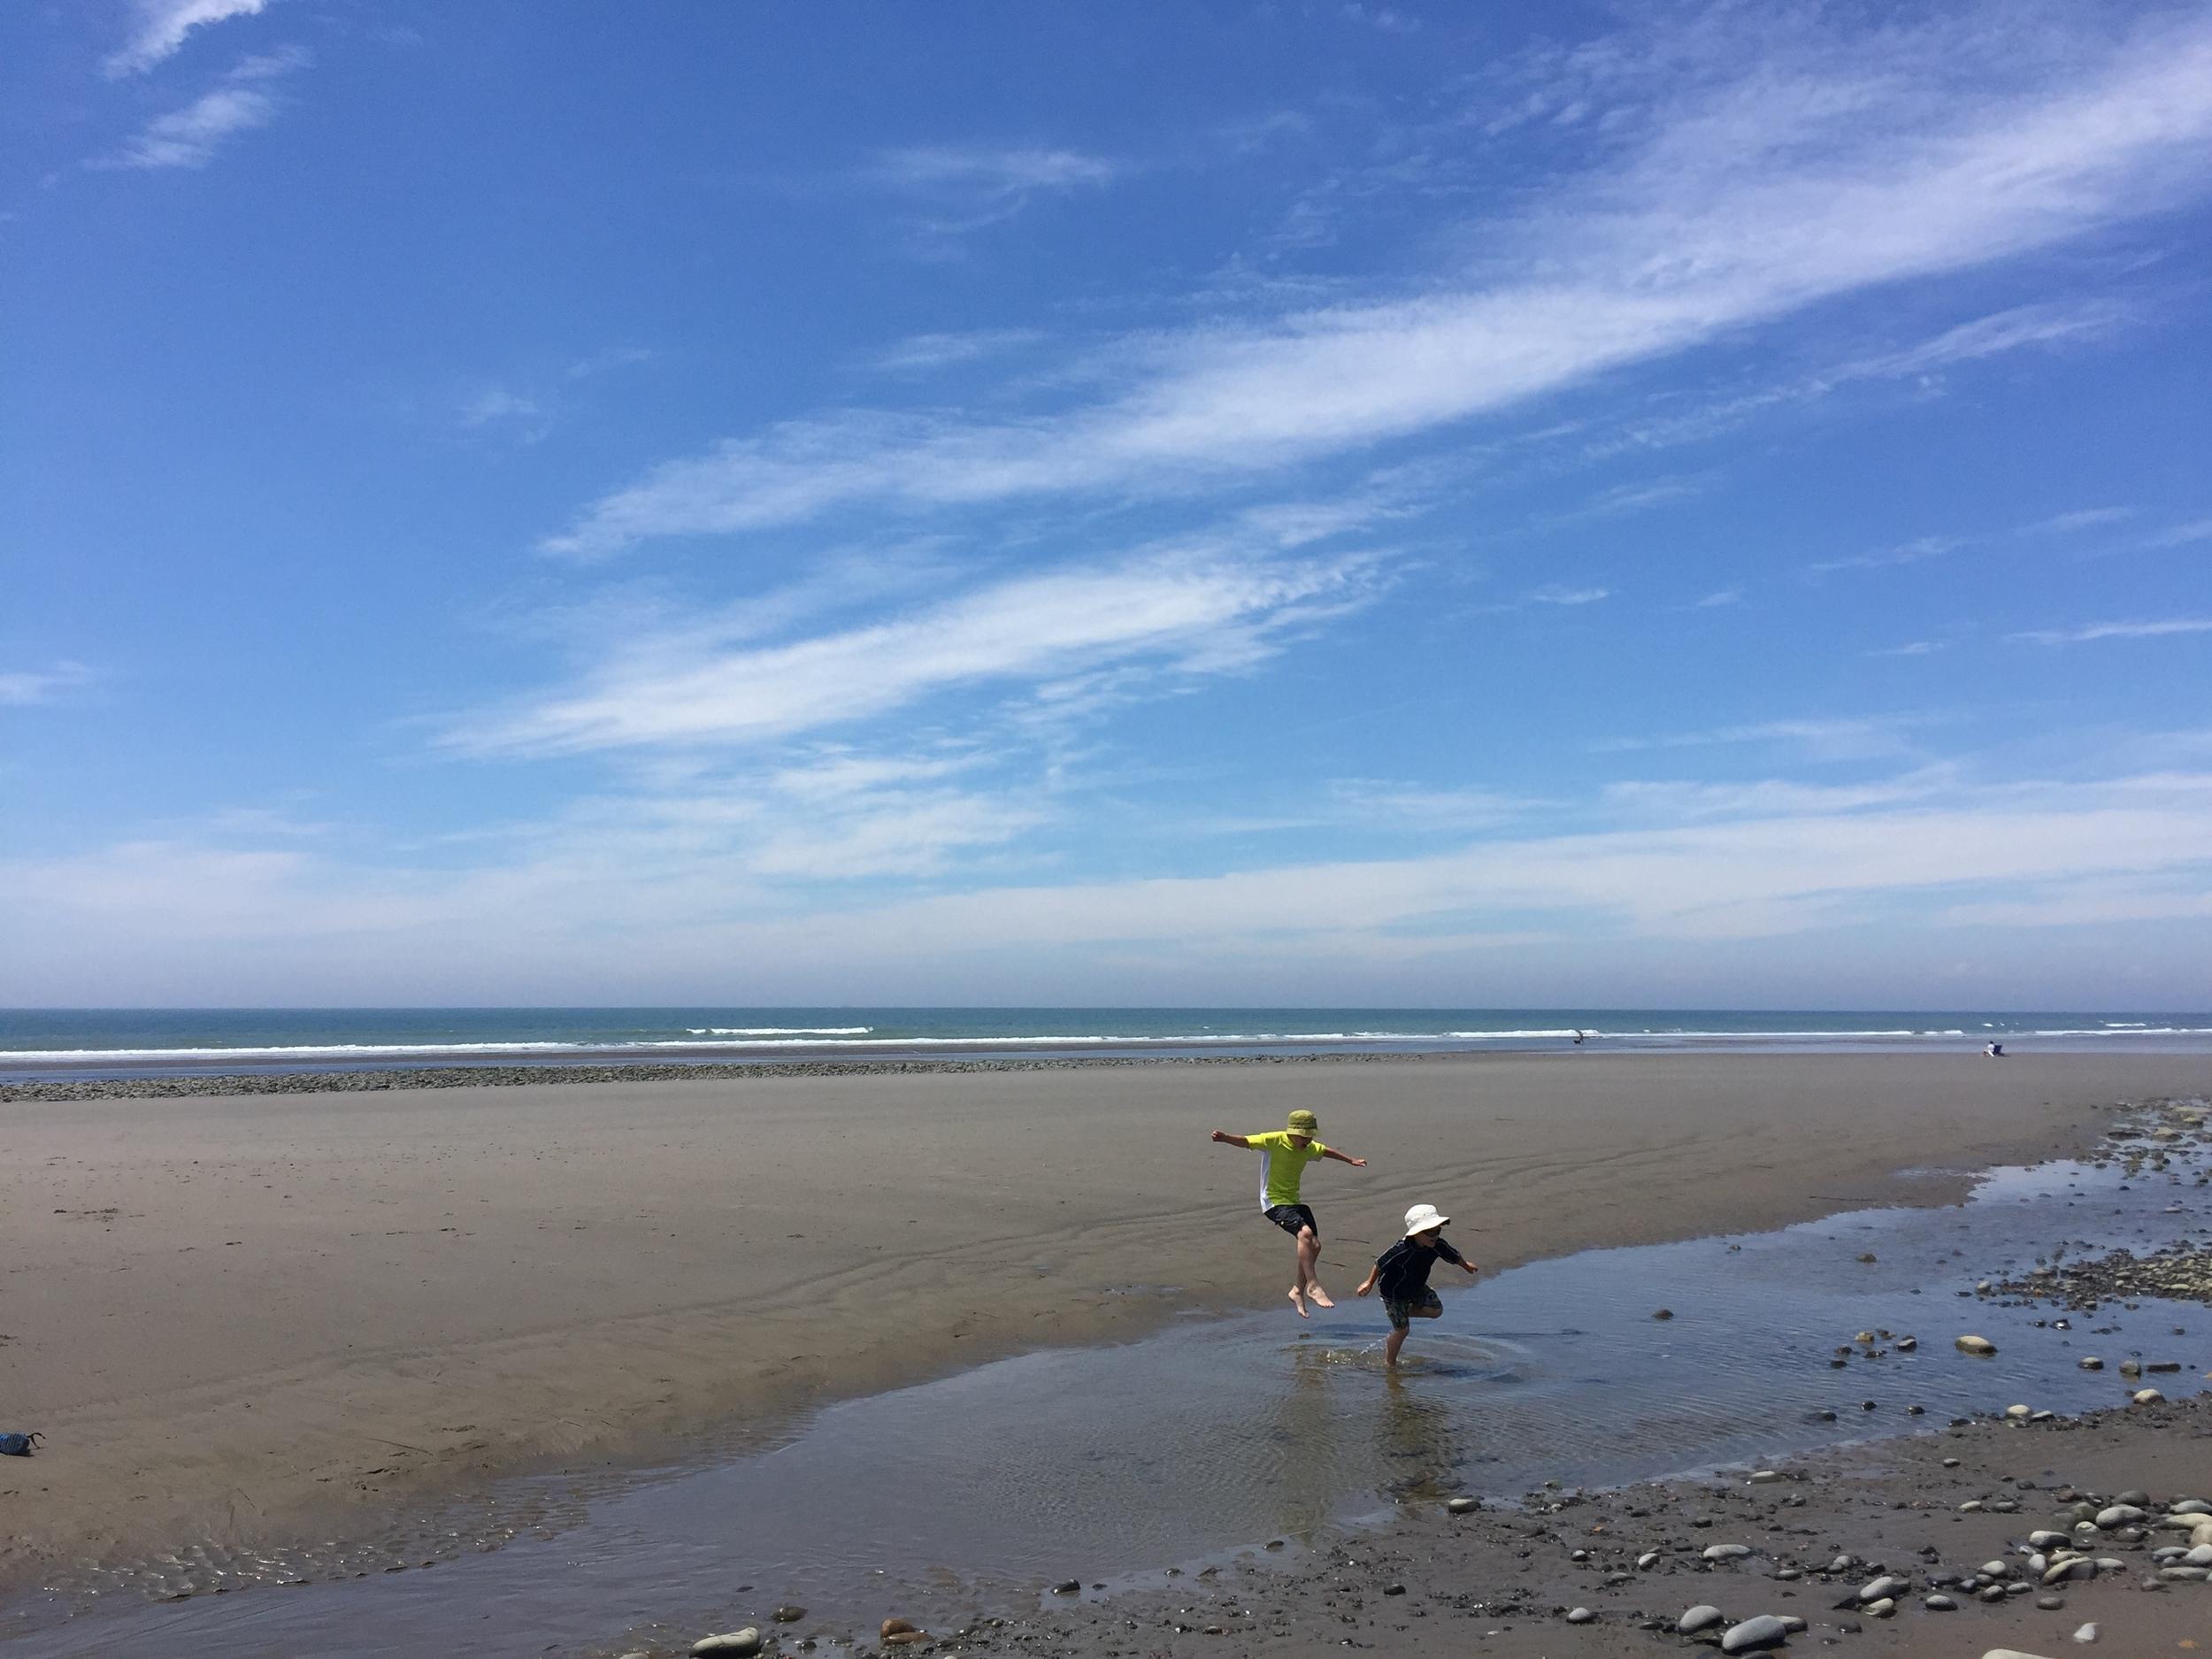 bartlett's beach boys